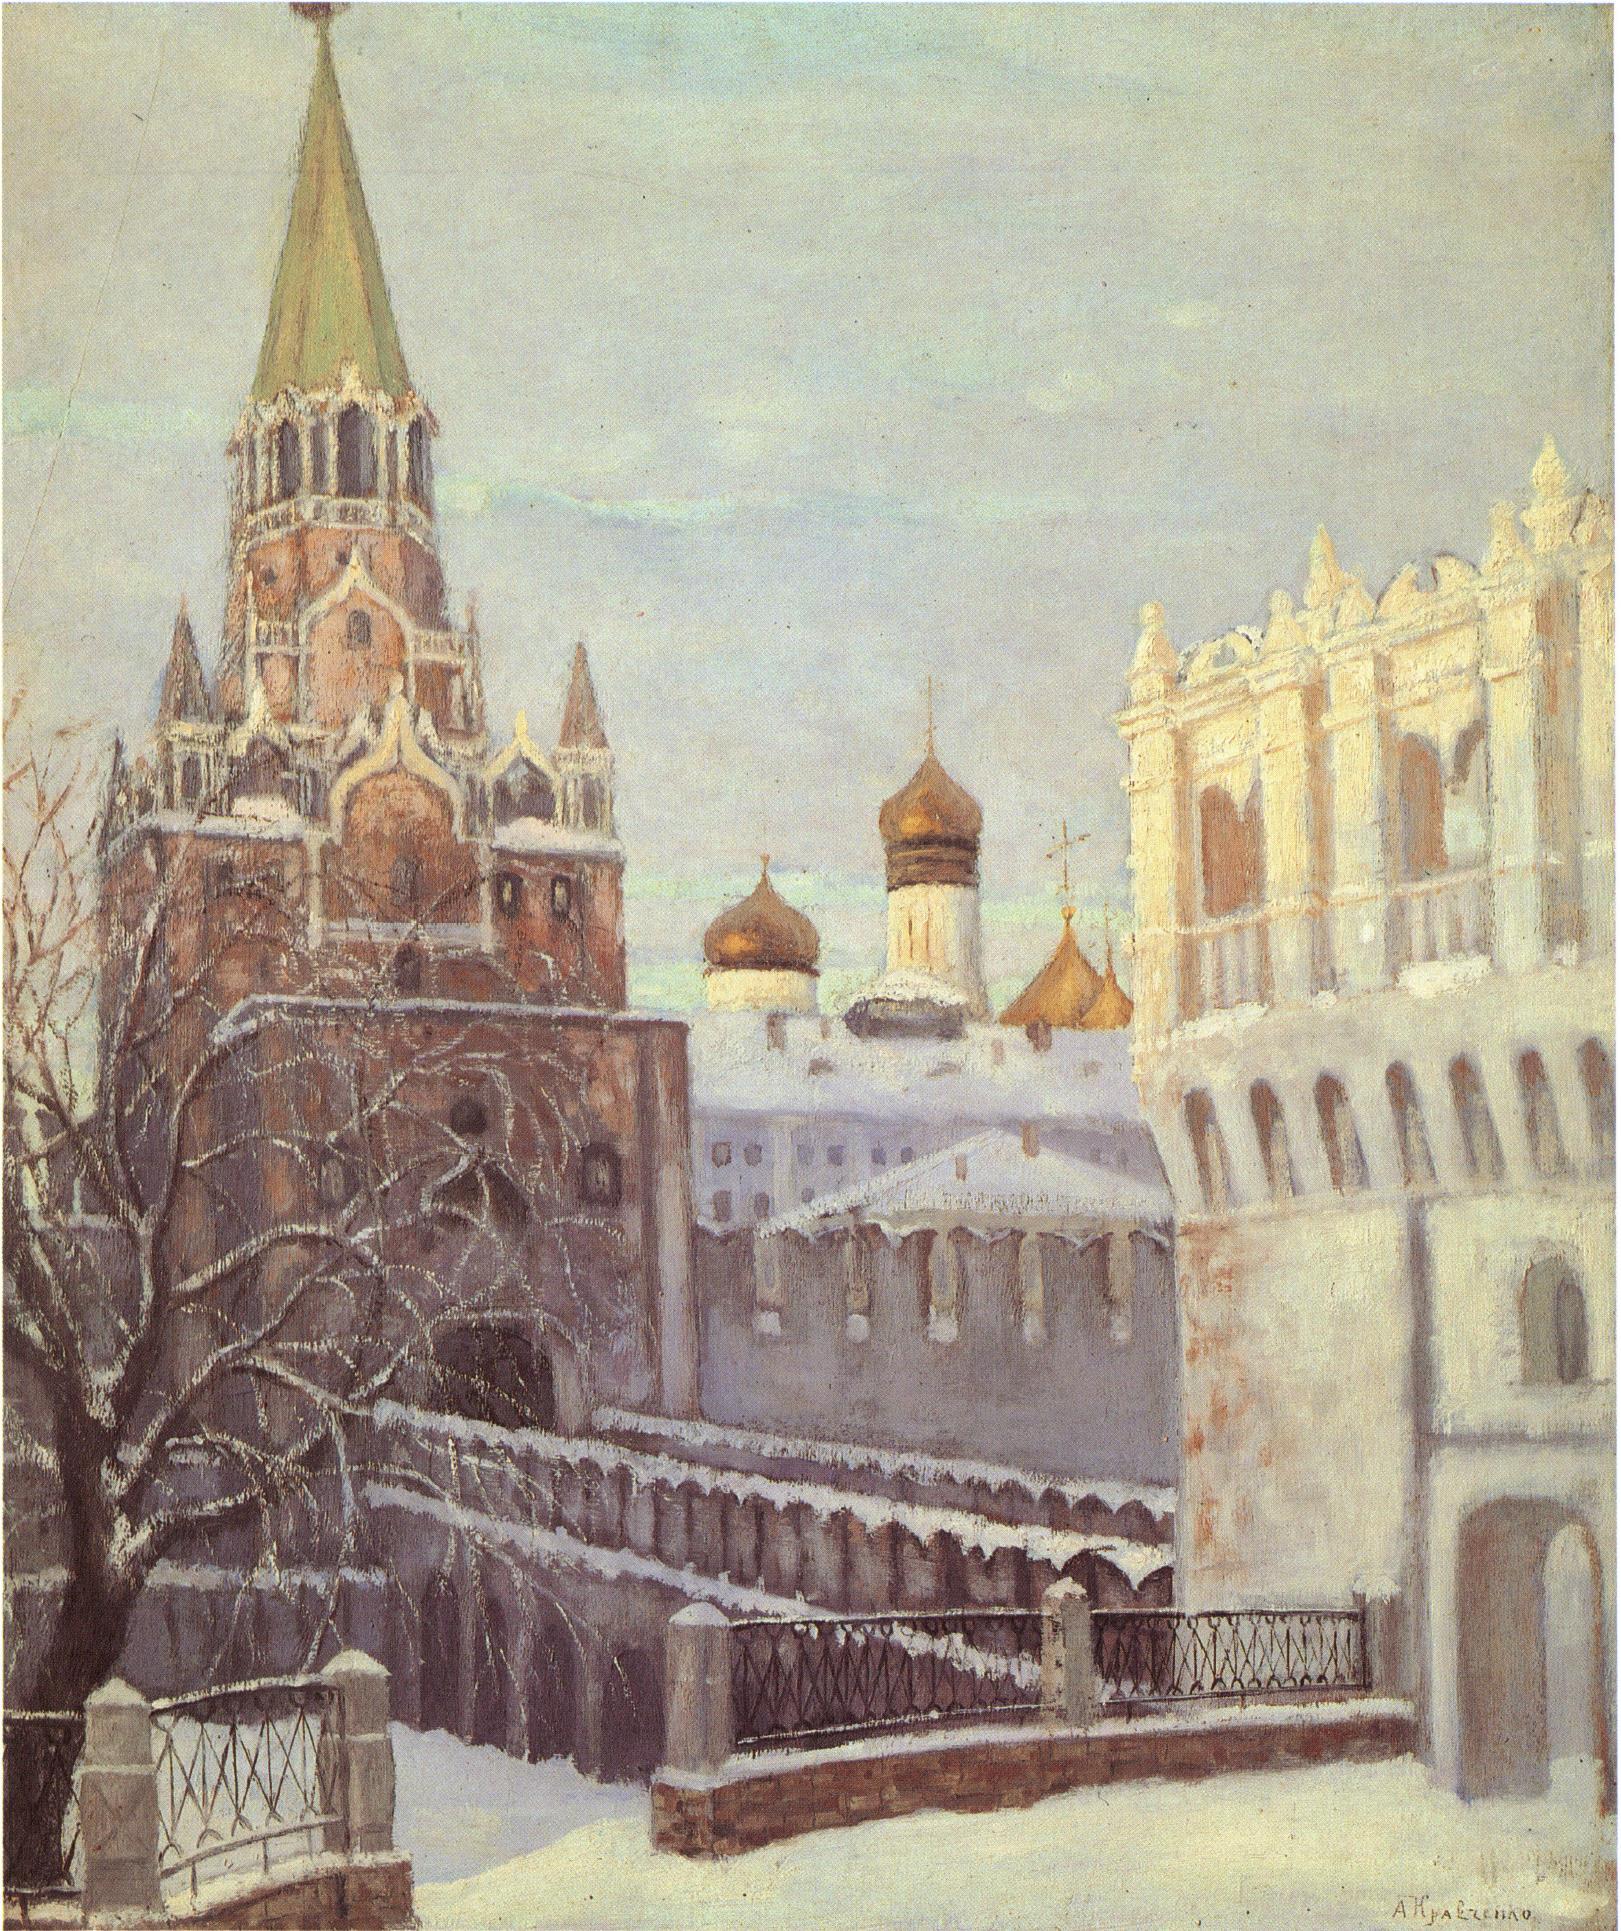 Кремль зимой. Кутафья и Троицкая башни